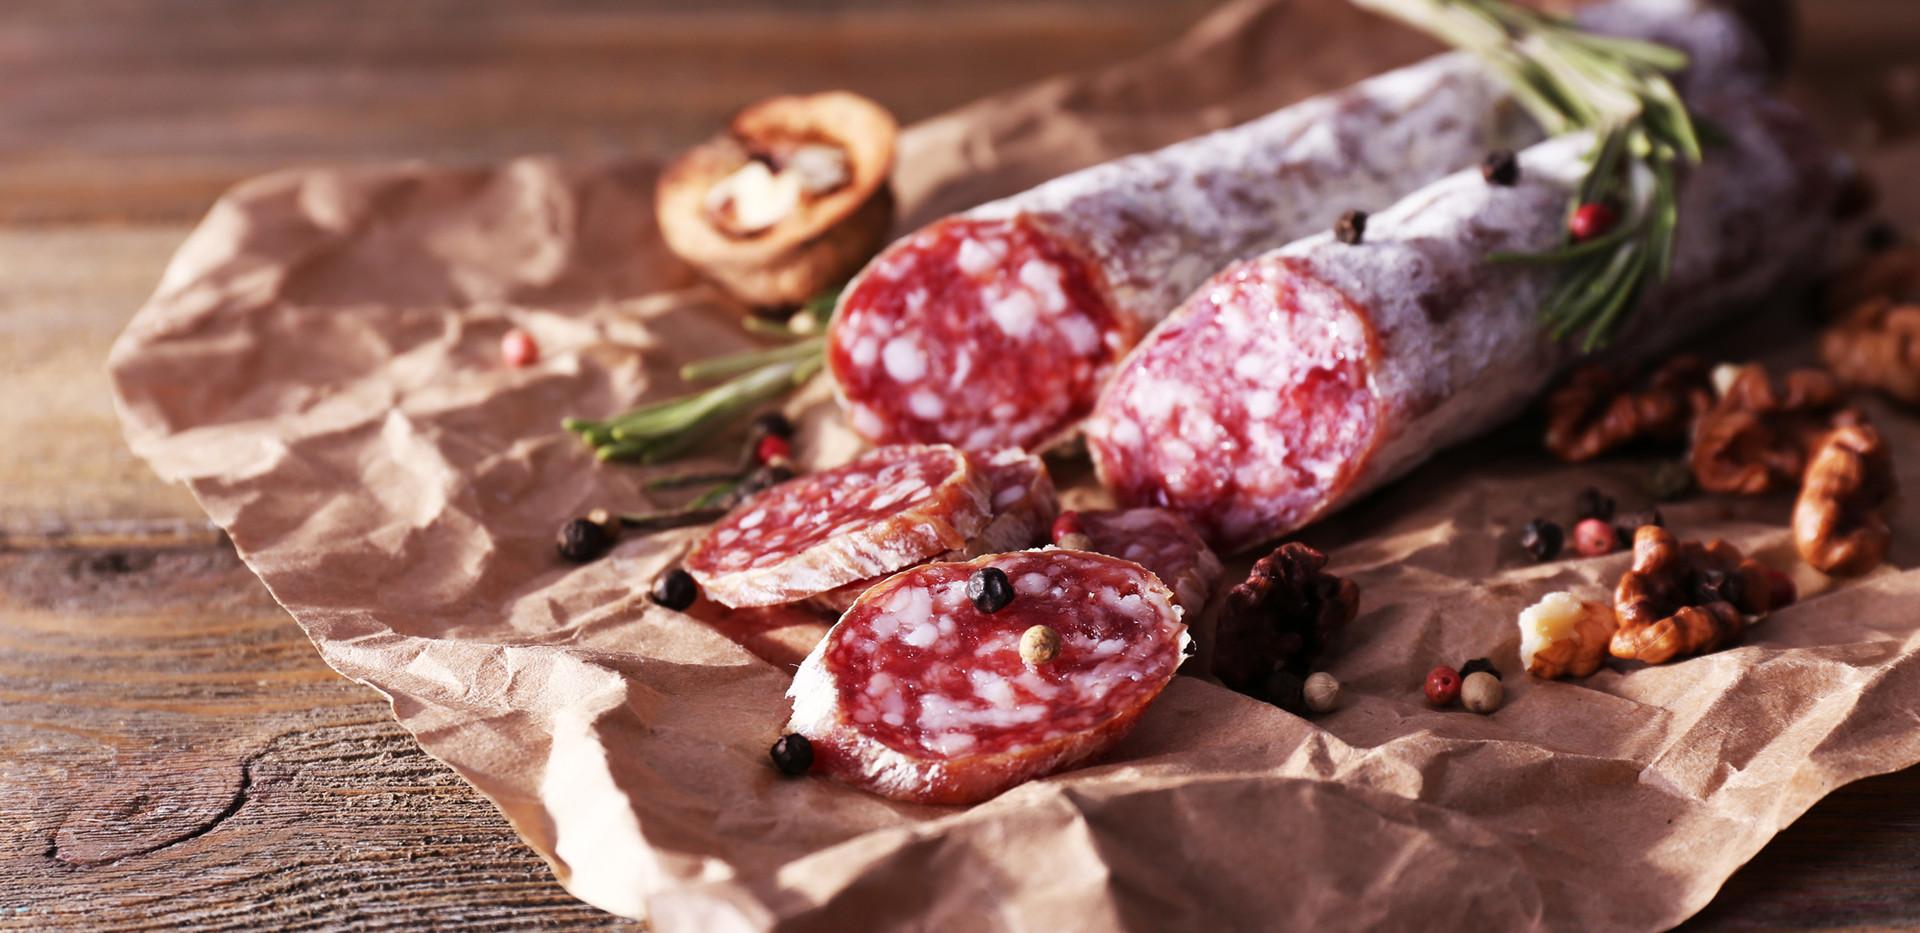 Doorgewinterde vleeswaren